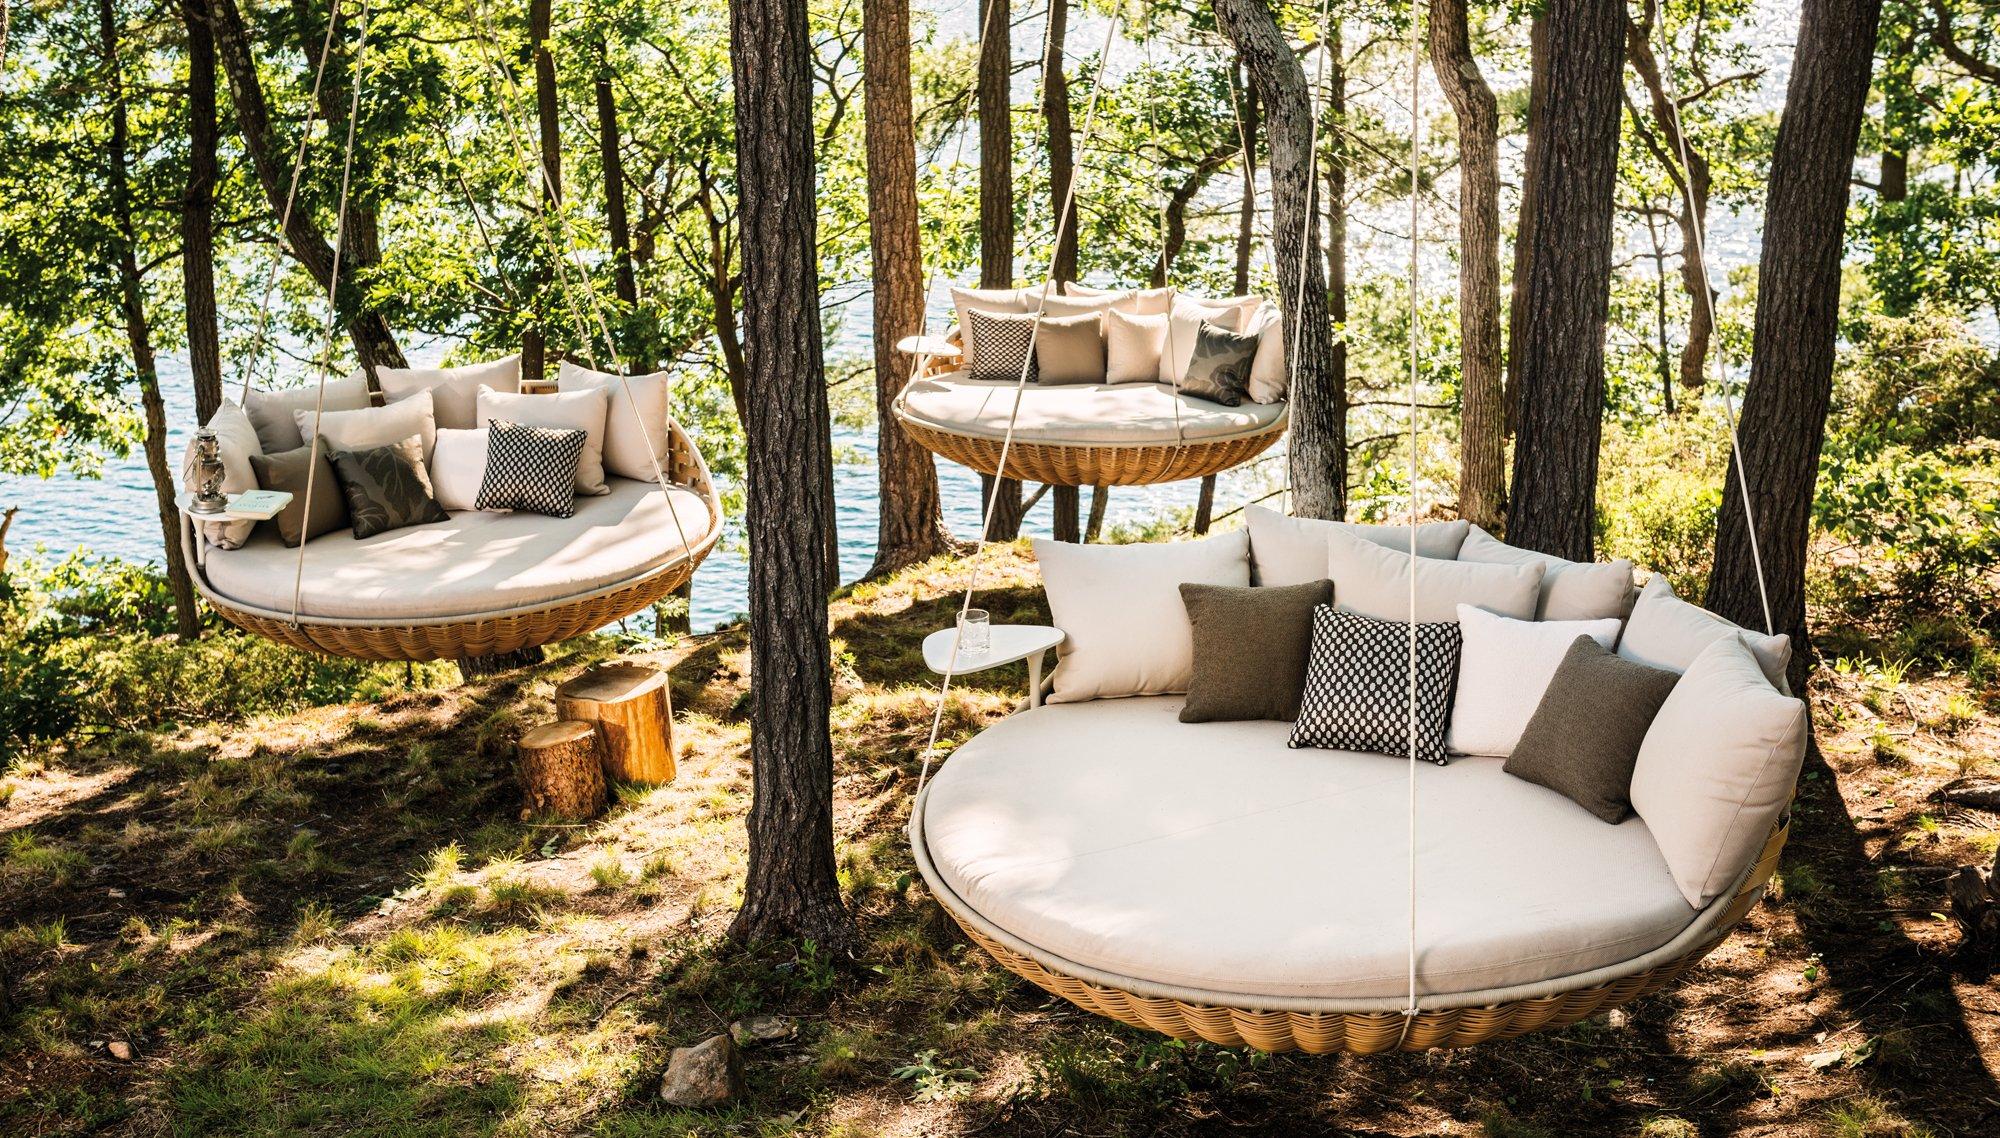 Relax suspendido en el aire con el sofá colgante de Dedon